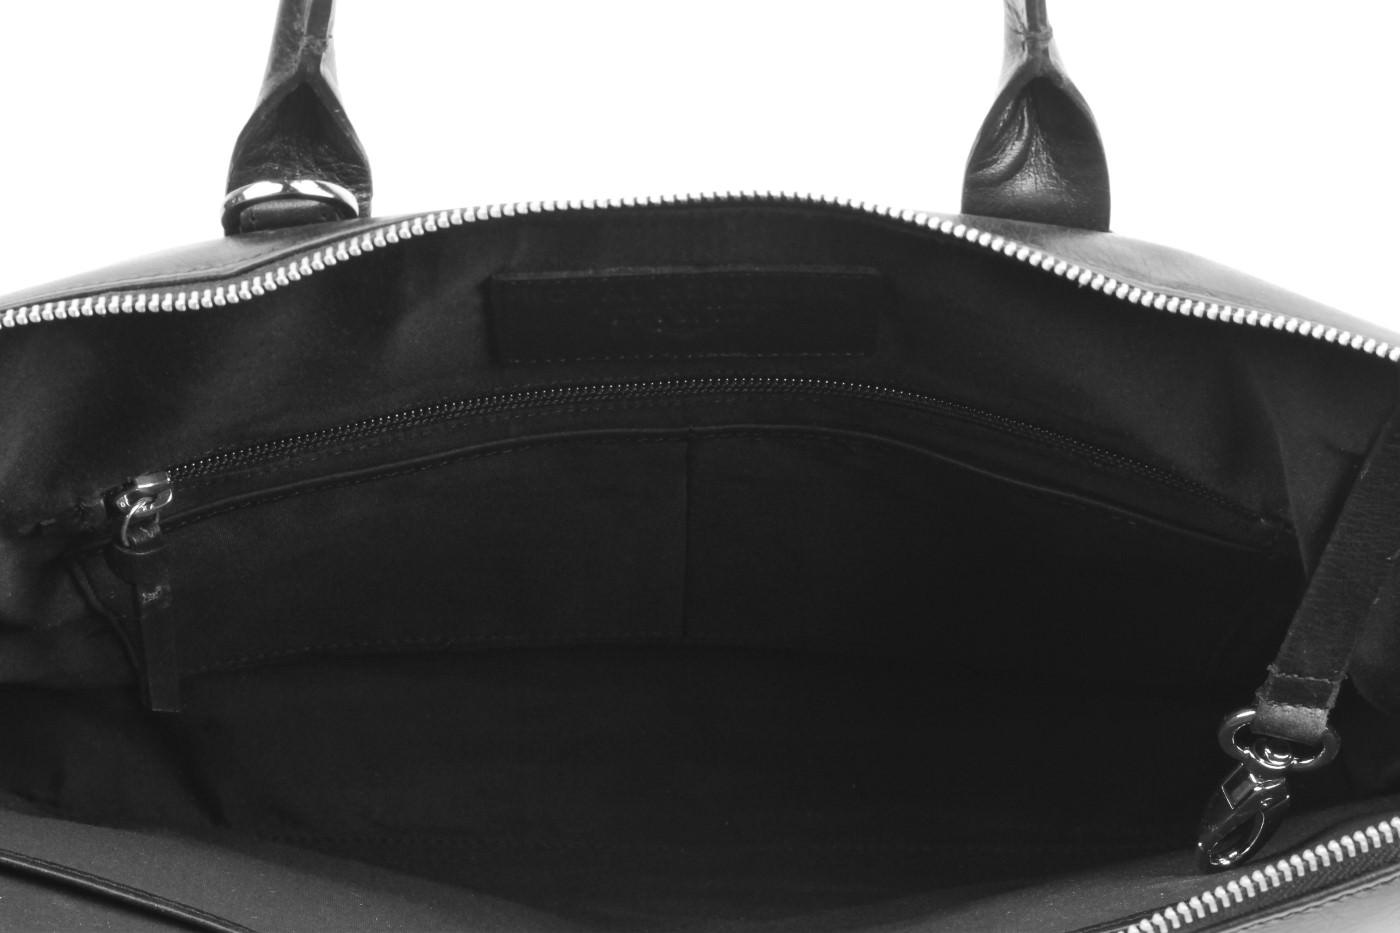 41a2e931c5 Δερμάτινη Τσάντα New Courier (Μαύρο) - Royal Republiq